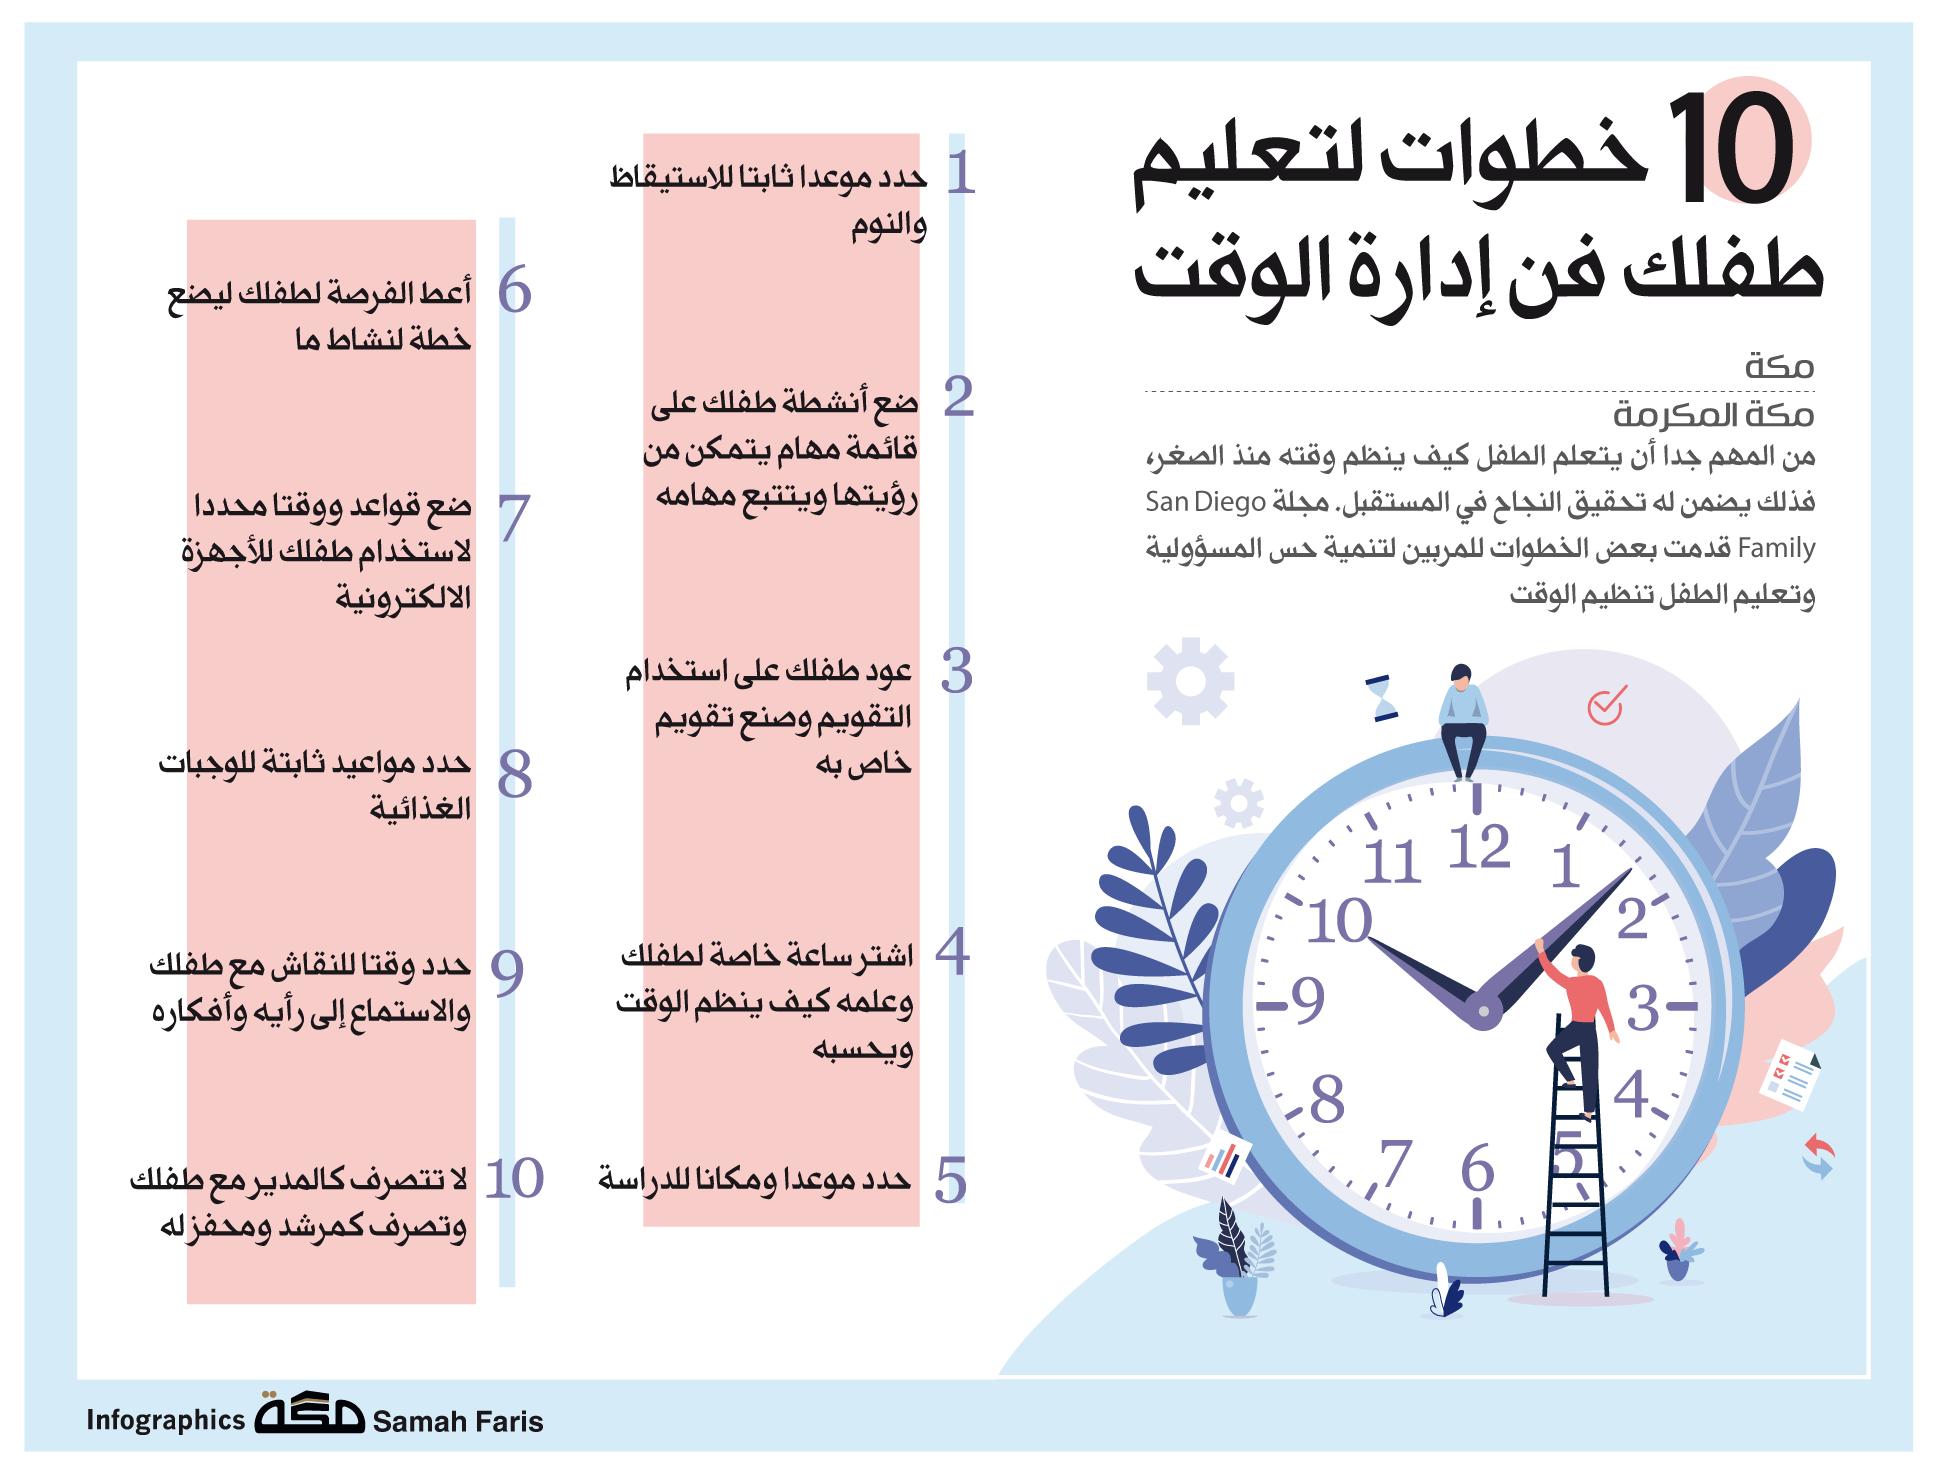 10خطوات لتعليم طفلك فن إدارة الوقت انفوجرافيك صحيفة مكة الوقت Asos Infographic Cluse Watch